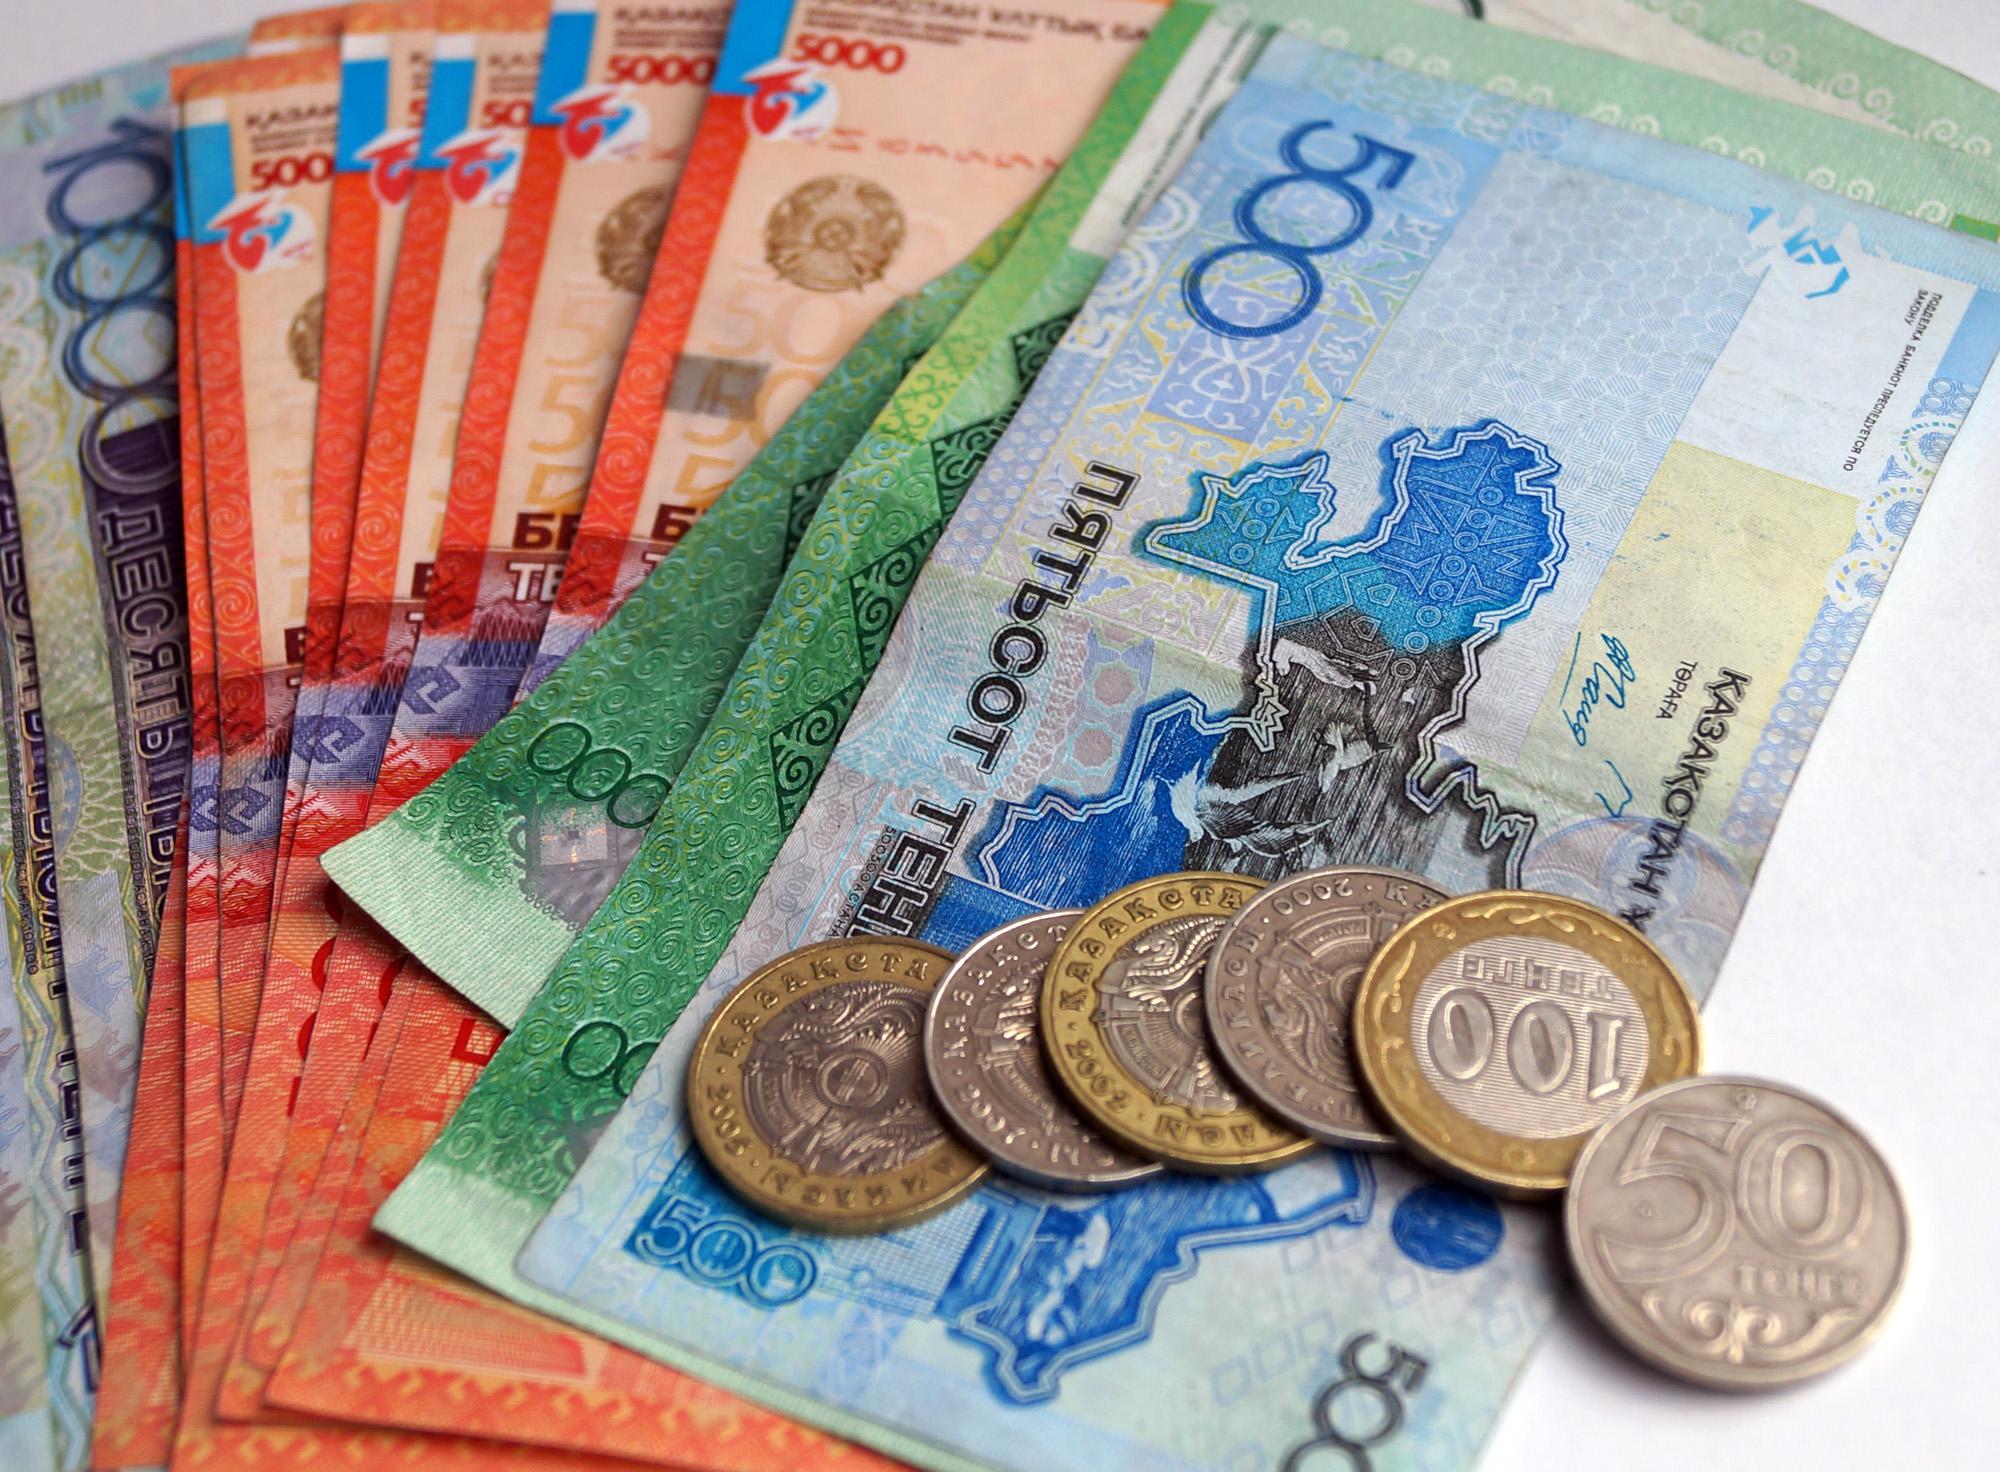 Данияр Акишев рекомендует пока воздерживаться от перевода активов из одной валюты в другую, Данияр Акишев, Национальный банк РК, валюта, тенге